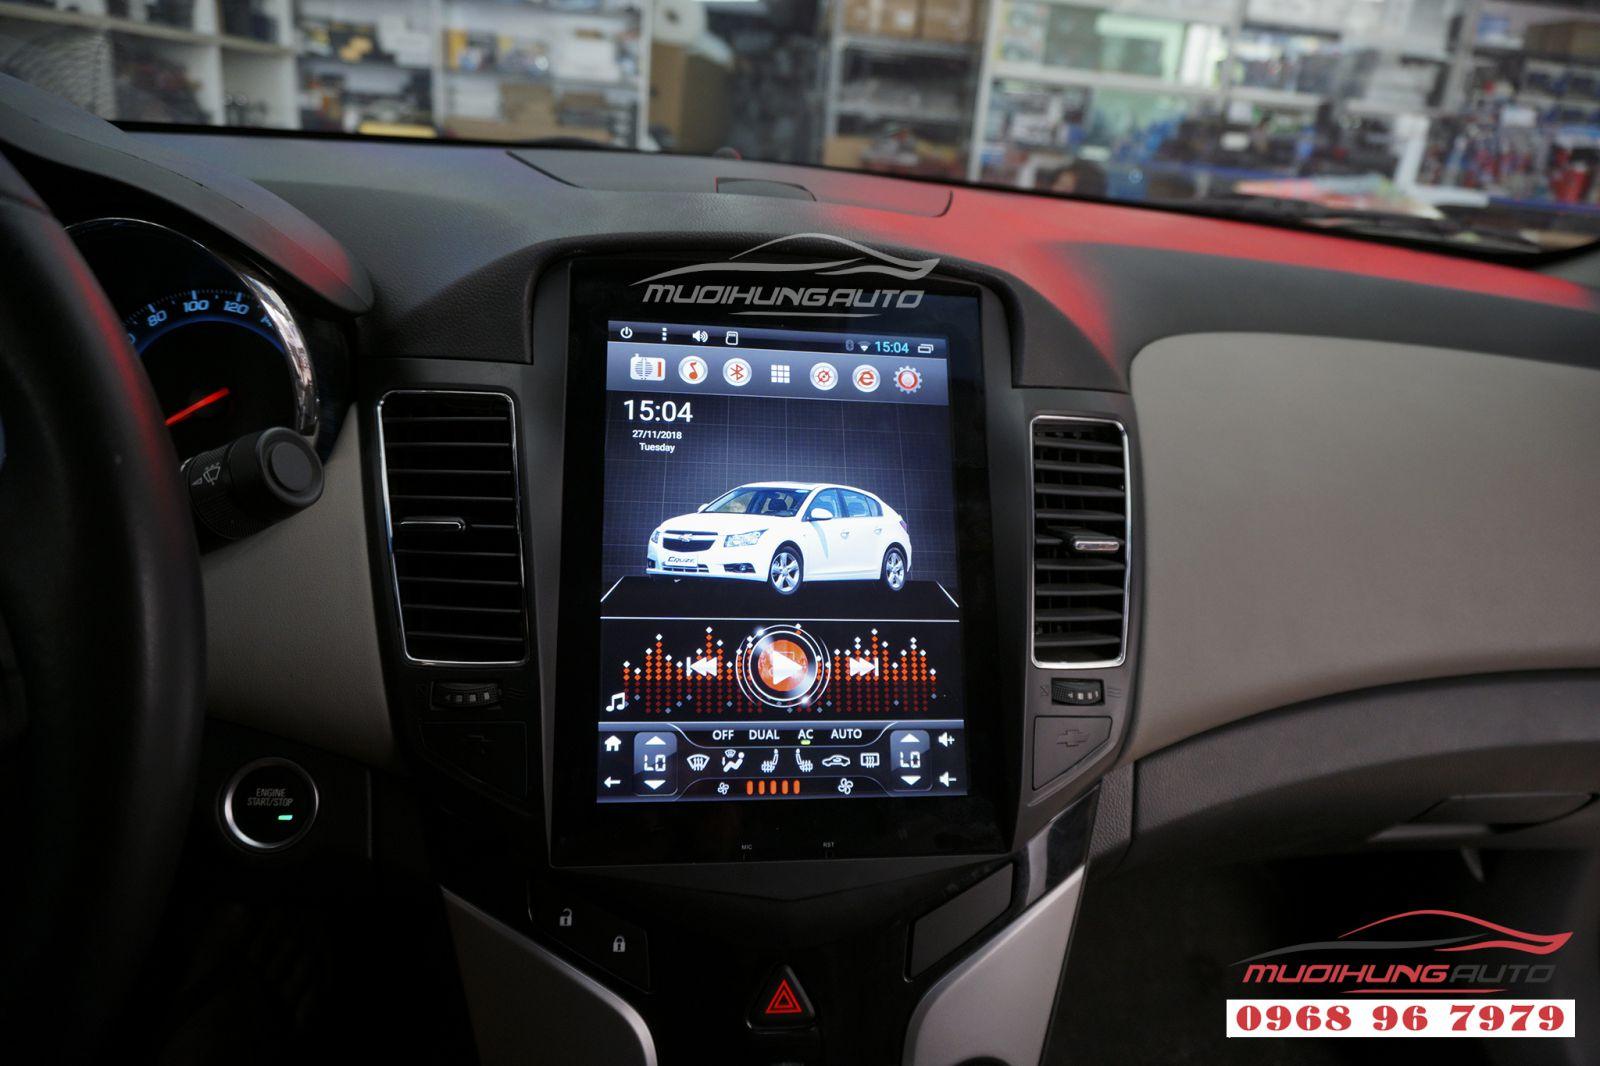 Lắp màn hình DVD Tesla Chevrolet Cruze chính hãng 04